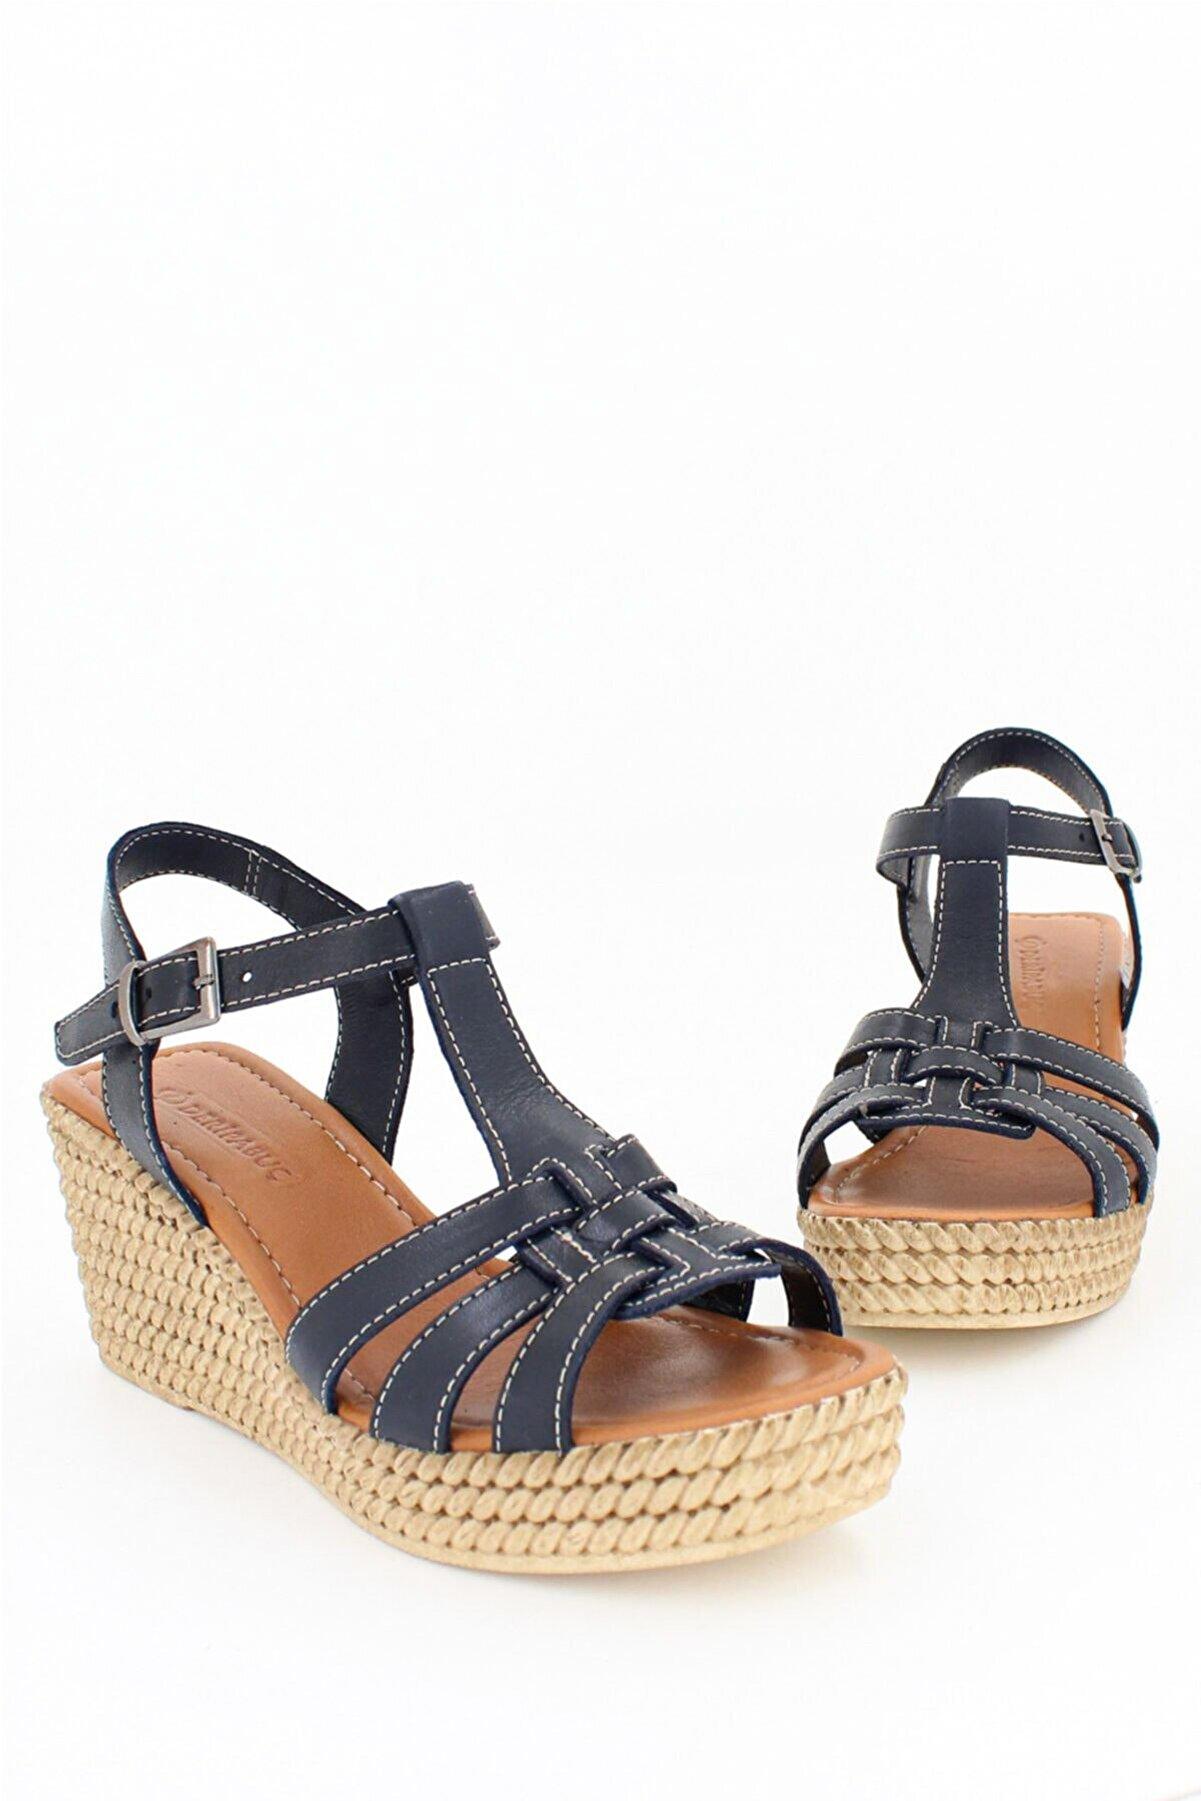 Deripabuc Hakiki Deri Lacivert Kadın Dolgu Topuklu Deri Sandalet DP55-2617